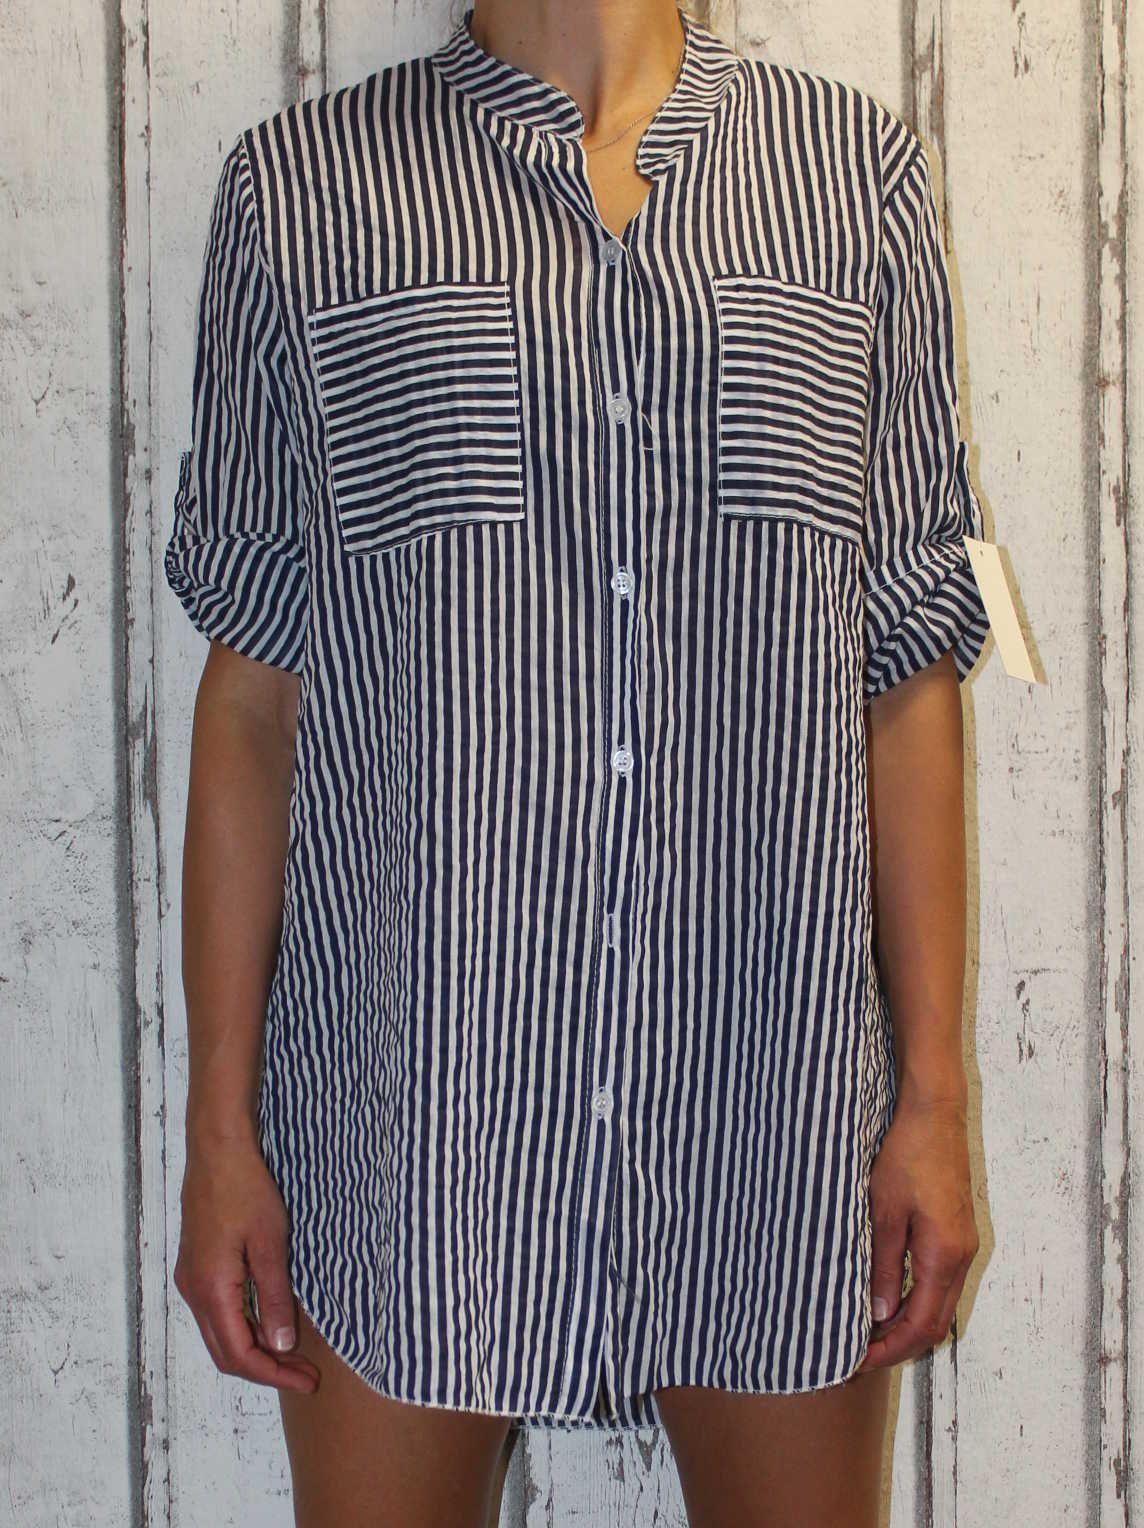 Dlouhá dámská košile dámská tunika dámská halenka pruhovaná košile košile se zavazováním volná košile